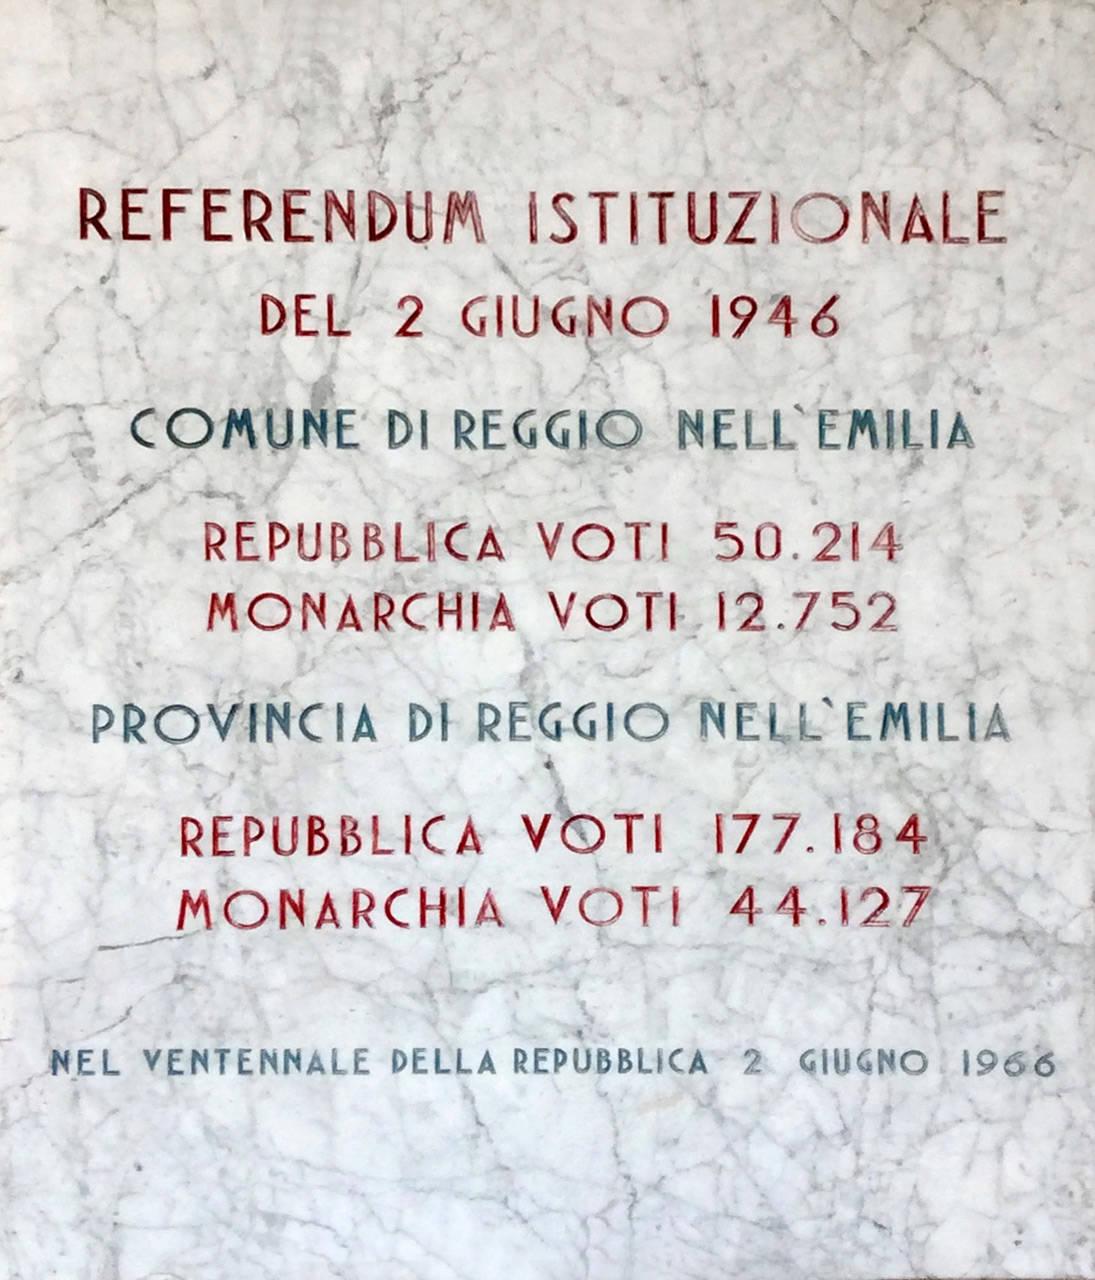 REFERENDUM 2 GIUGNO 1946 - TARGA CON I RISULTATI DEL REFERENDUM DEL 2 GIUGNO 1946, COLLOCATA SOTTO AL PORTICO DELLA SEDE DELLA PROVINCIA